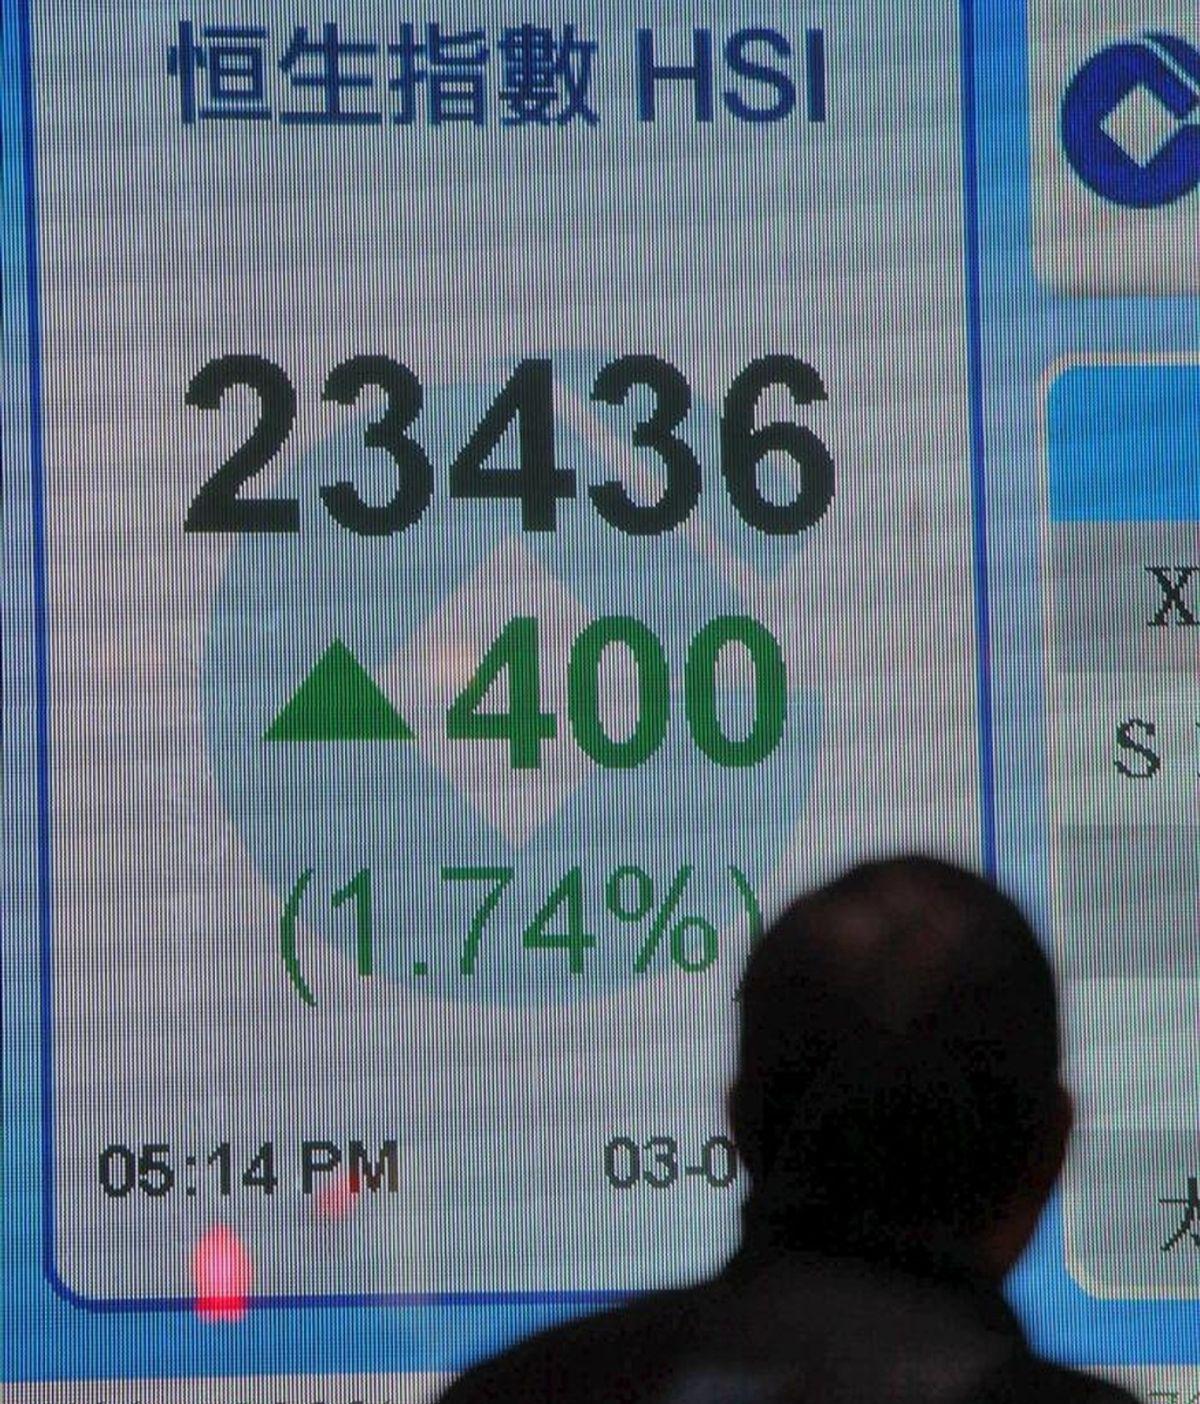 Un hombre camina junto a una pantalla informativa de los valores del índice Hang Seng en un banco en Hong Kong. EFE/Archivo